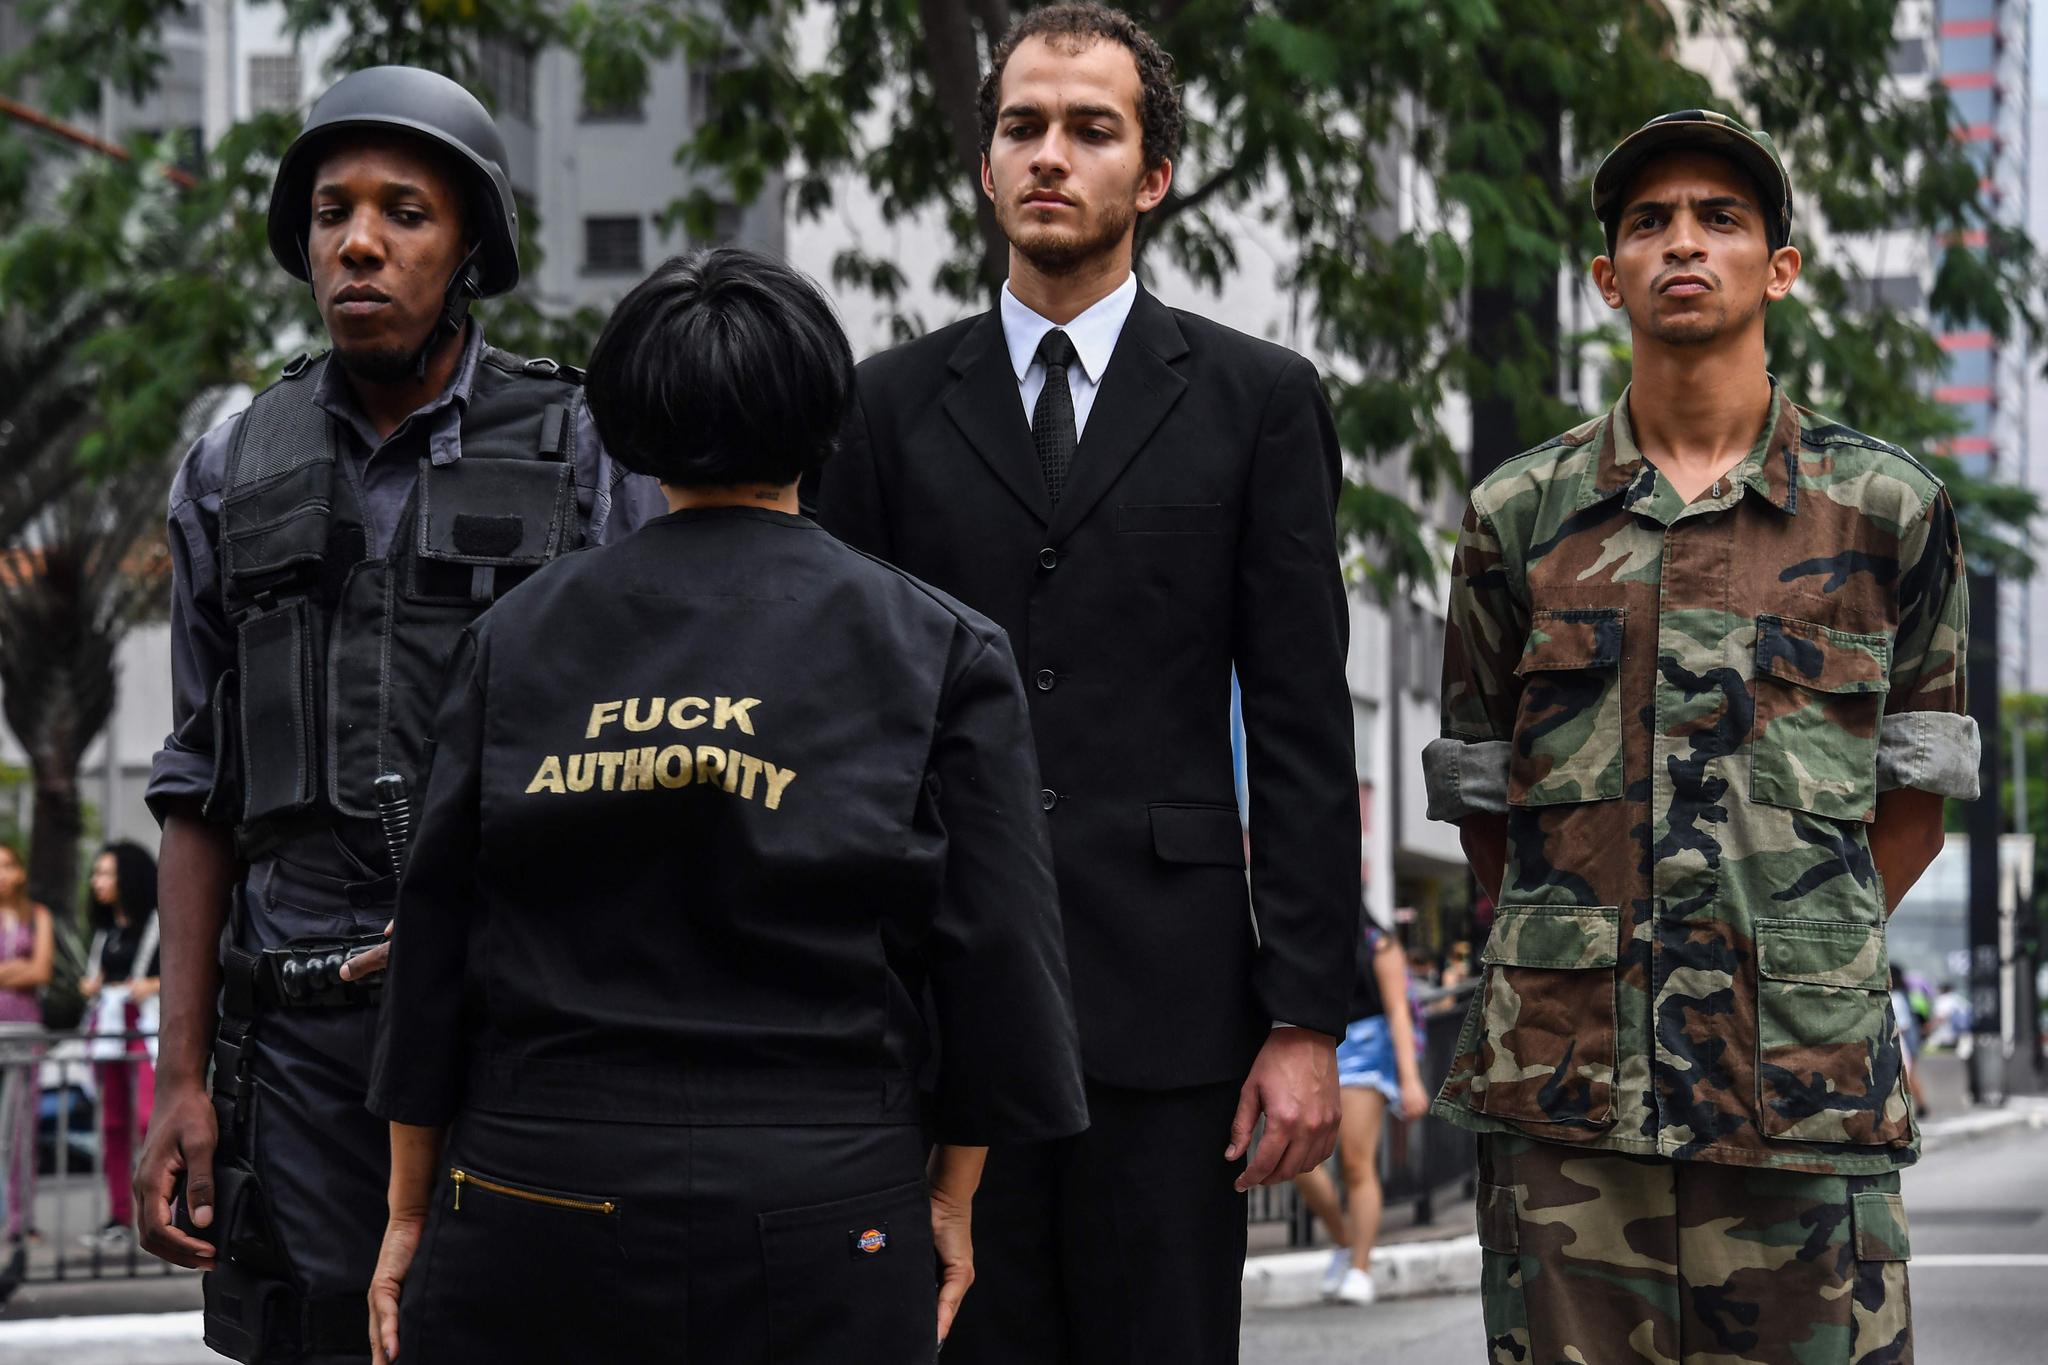 데보라 카스티요의 옷에 정권을 비판하는 문구가 적혀있다. [AFP=연합뉴스]